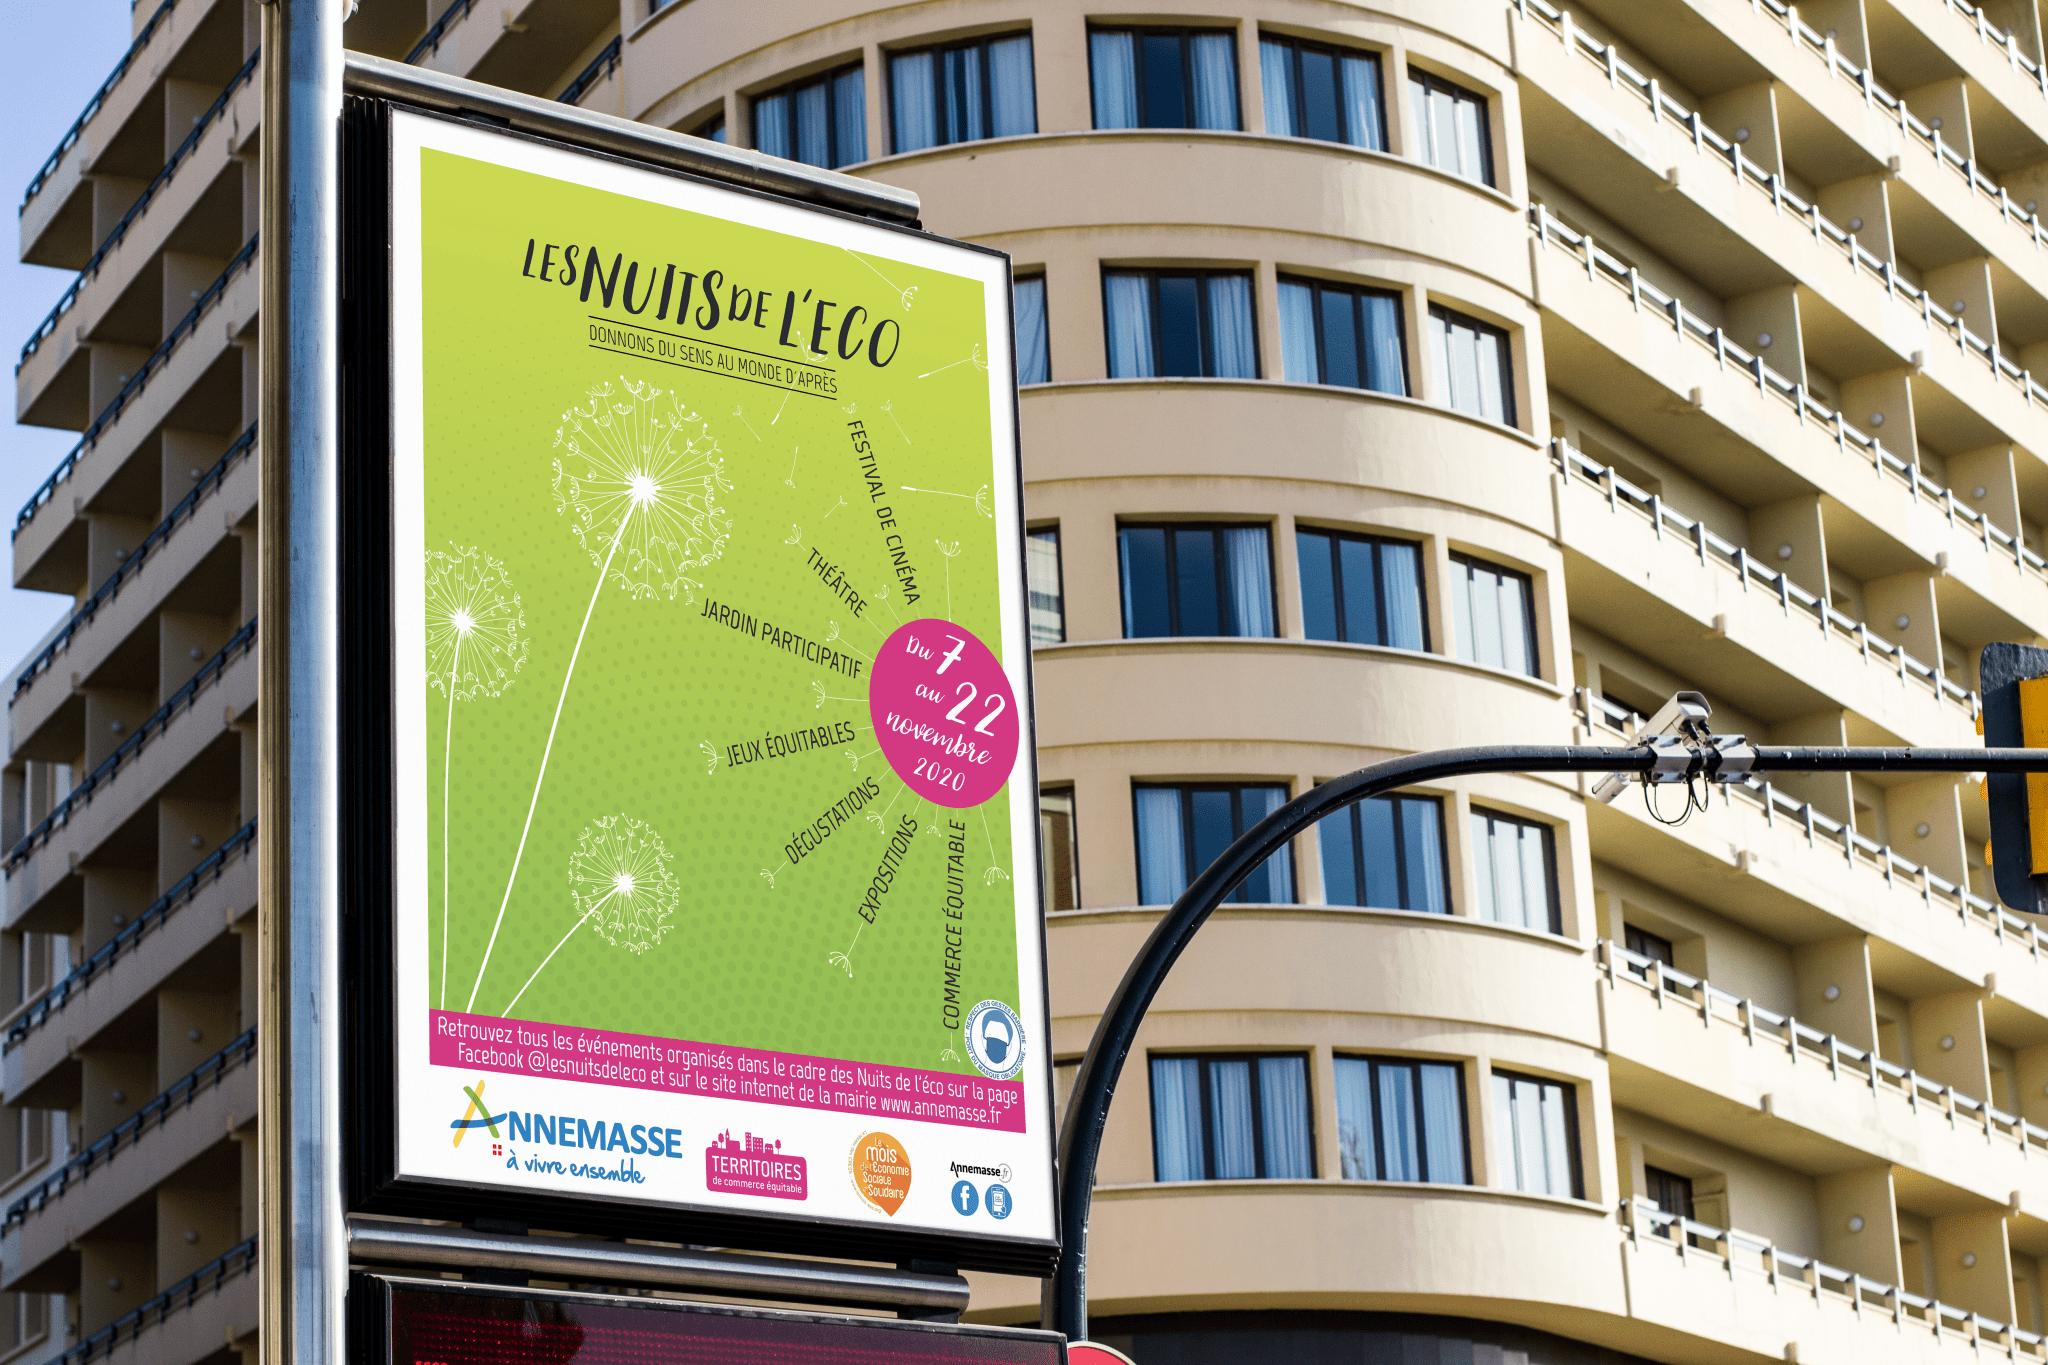 Affiche Mairie d'Annemasse Nuits de l'Eco